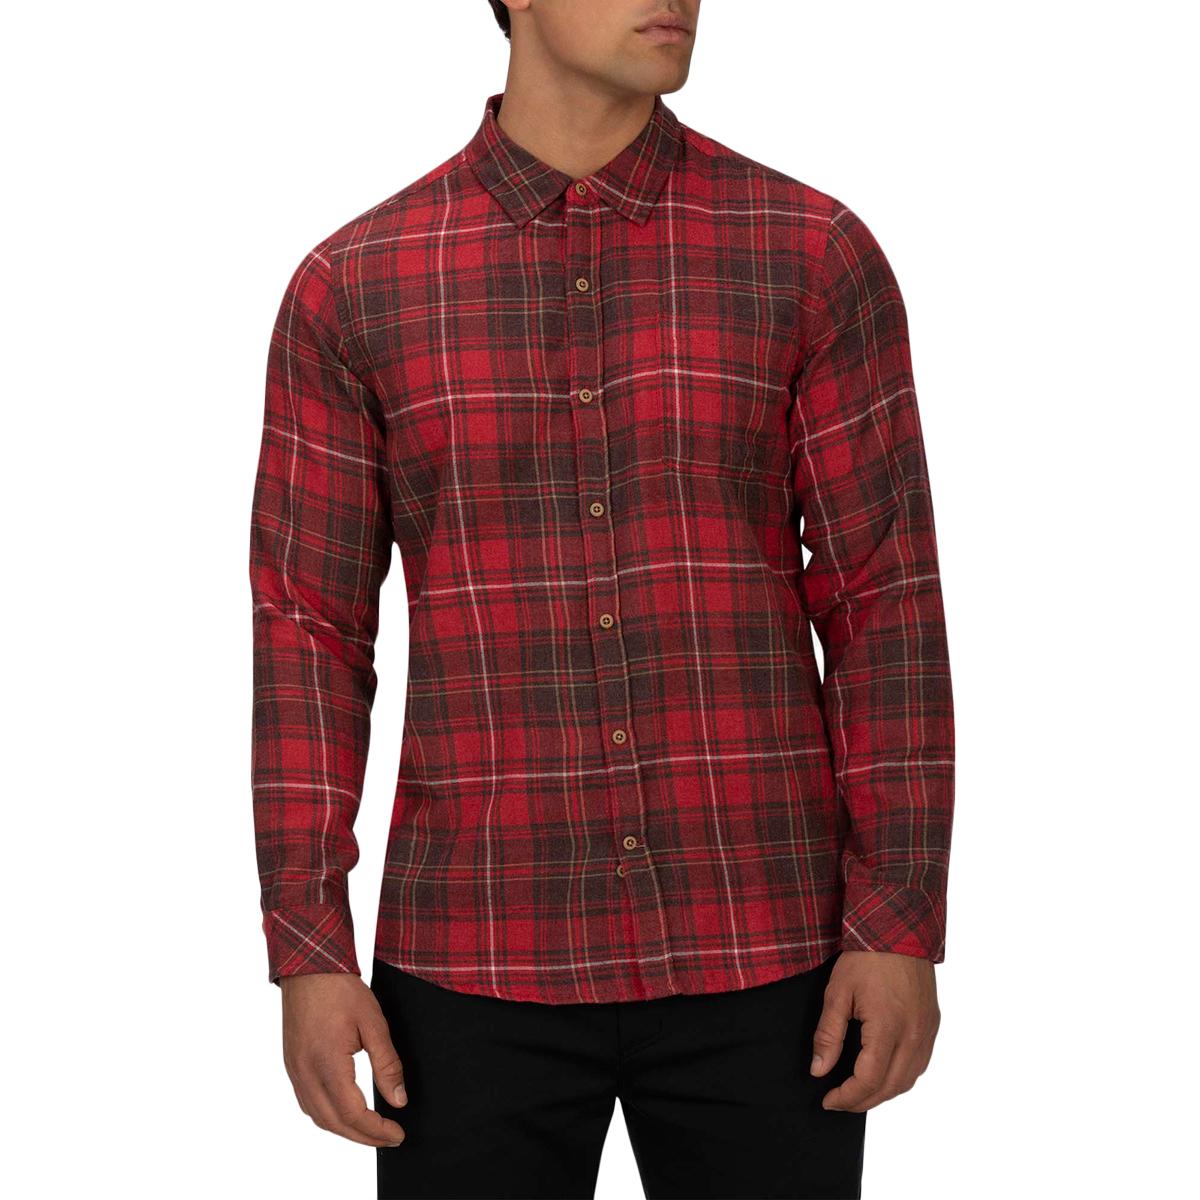 Hurley Men's Vedder Washed Long-Sleeve Shirt - Red, L